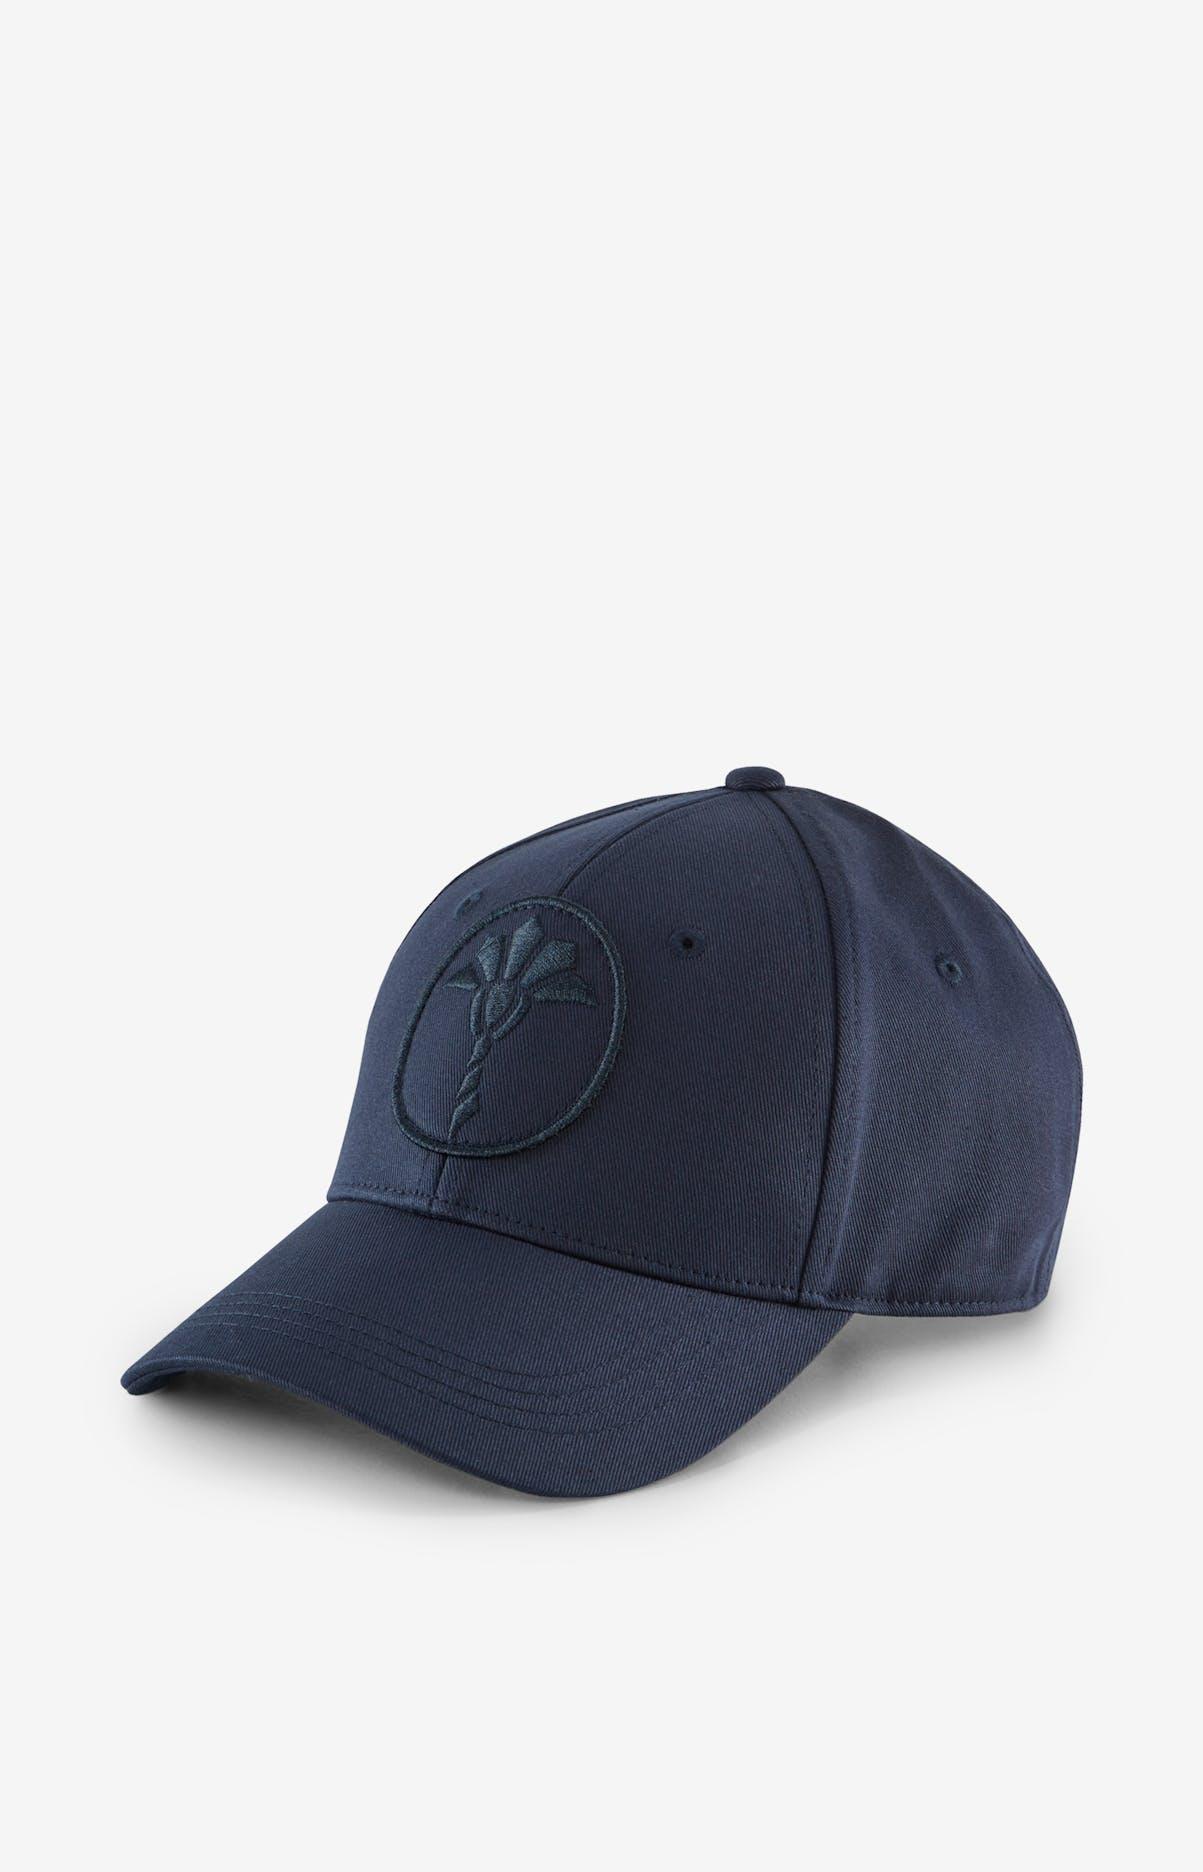 Cap Iconic in Navy